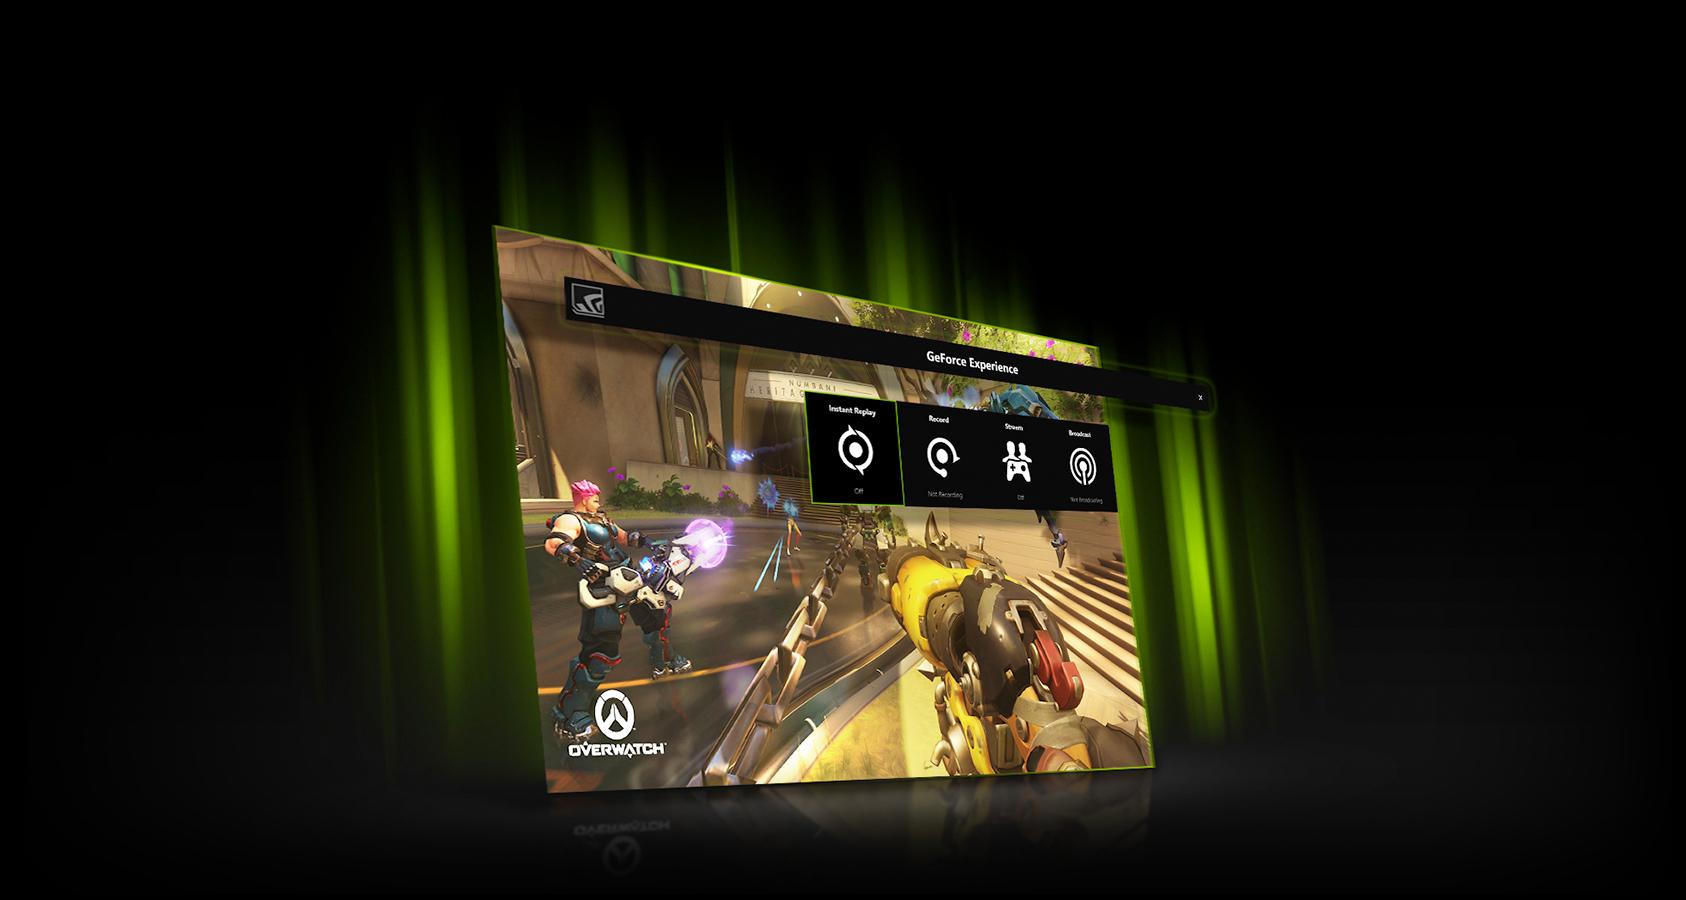 ประตูสู่เกมคอมพิวเตอร์ที่ยอดเยี่ยมของคุณ| GeForce Experience